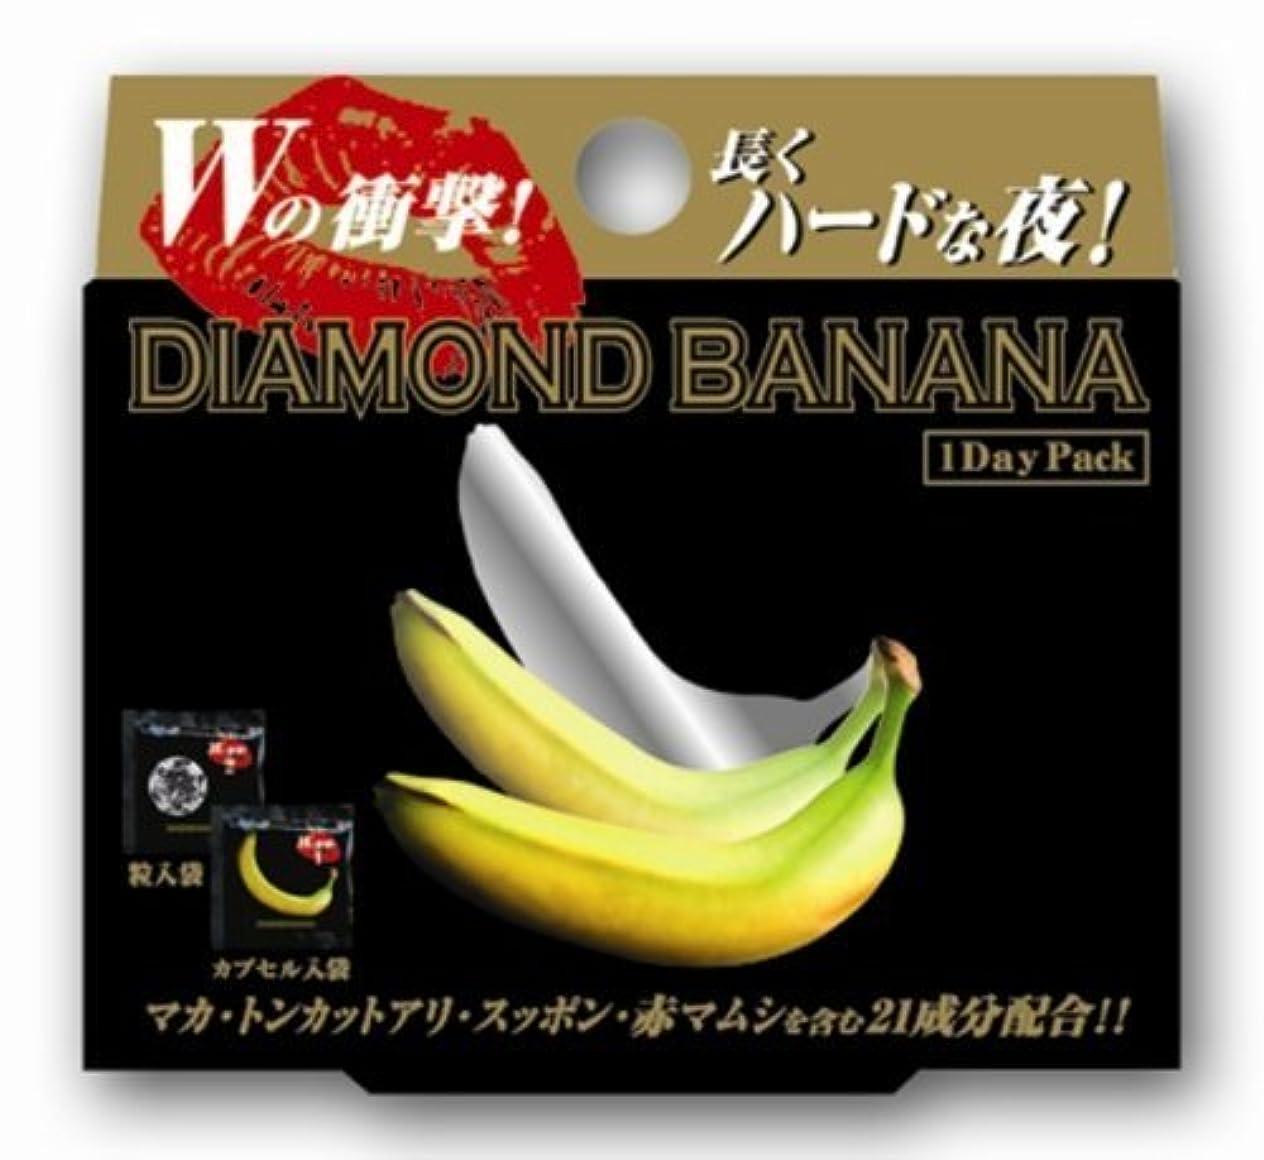 寄り添う息苦しいセラフ【2個セット】ダイヤモンドバナナ 1DAYパック